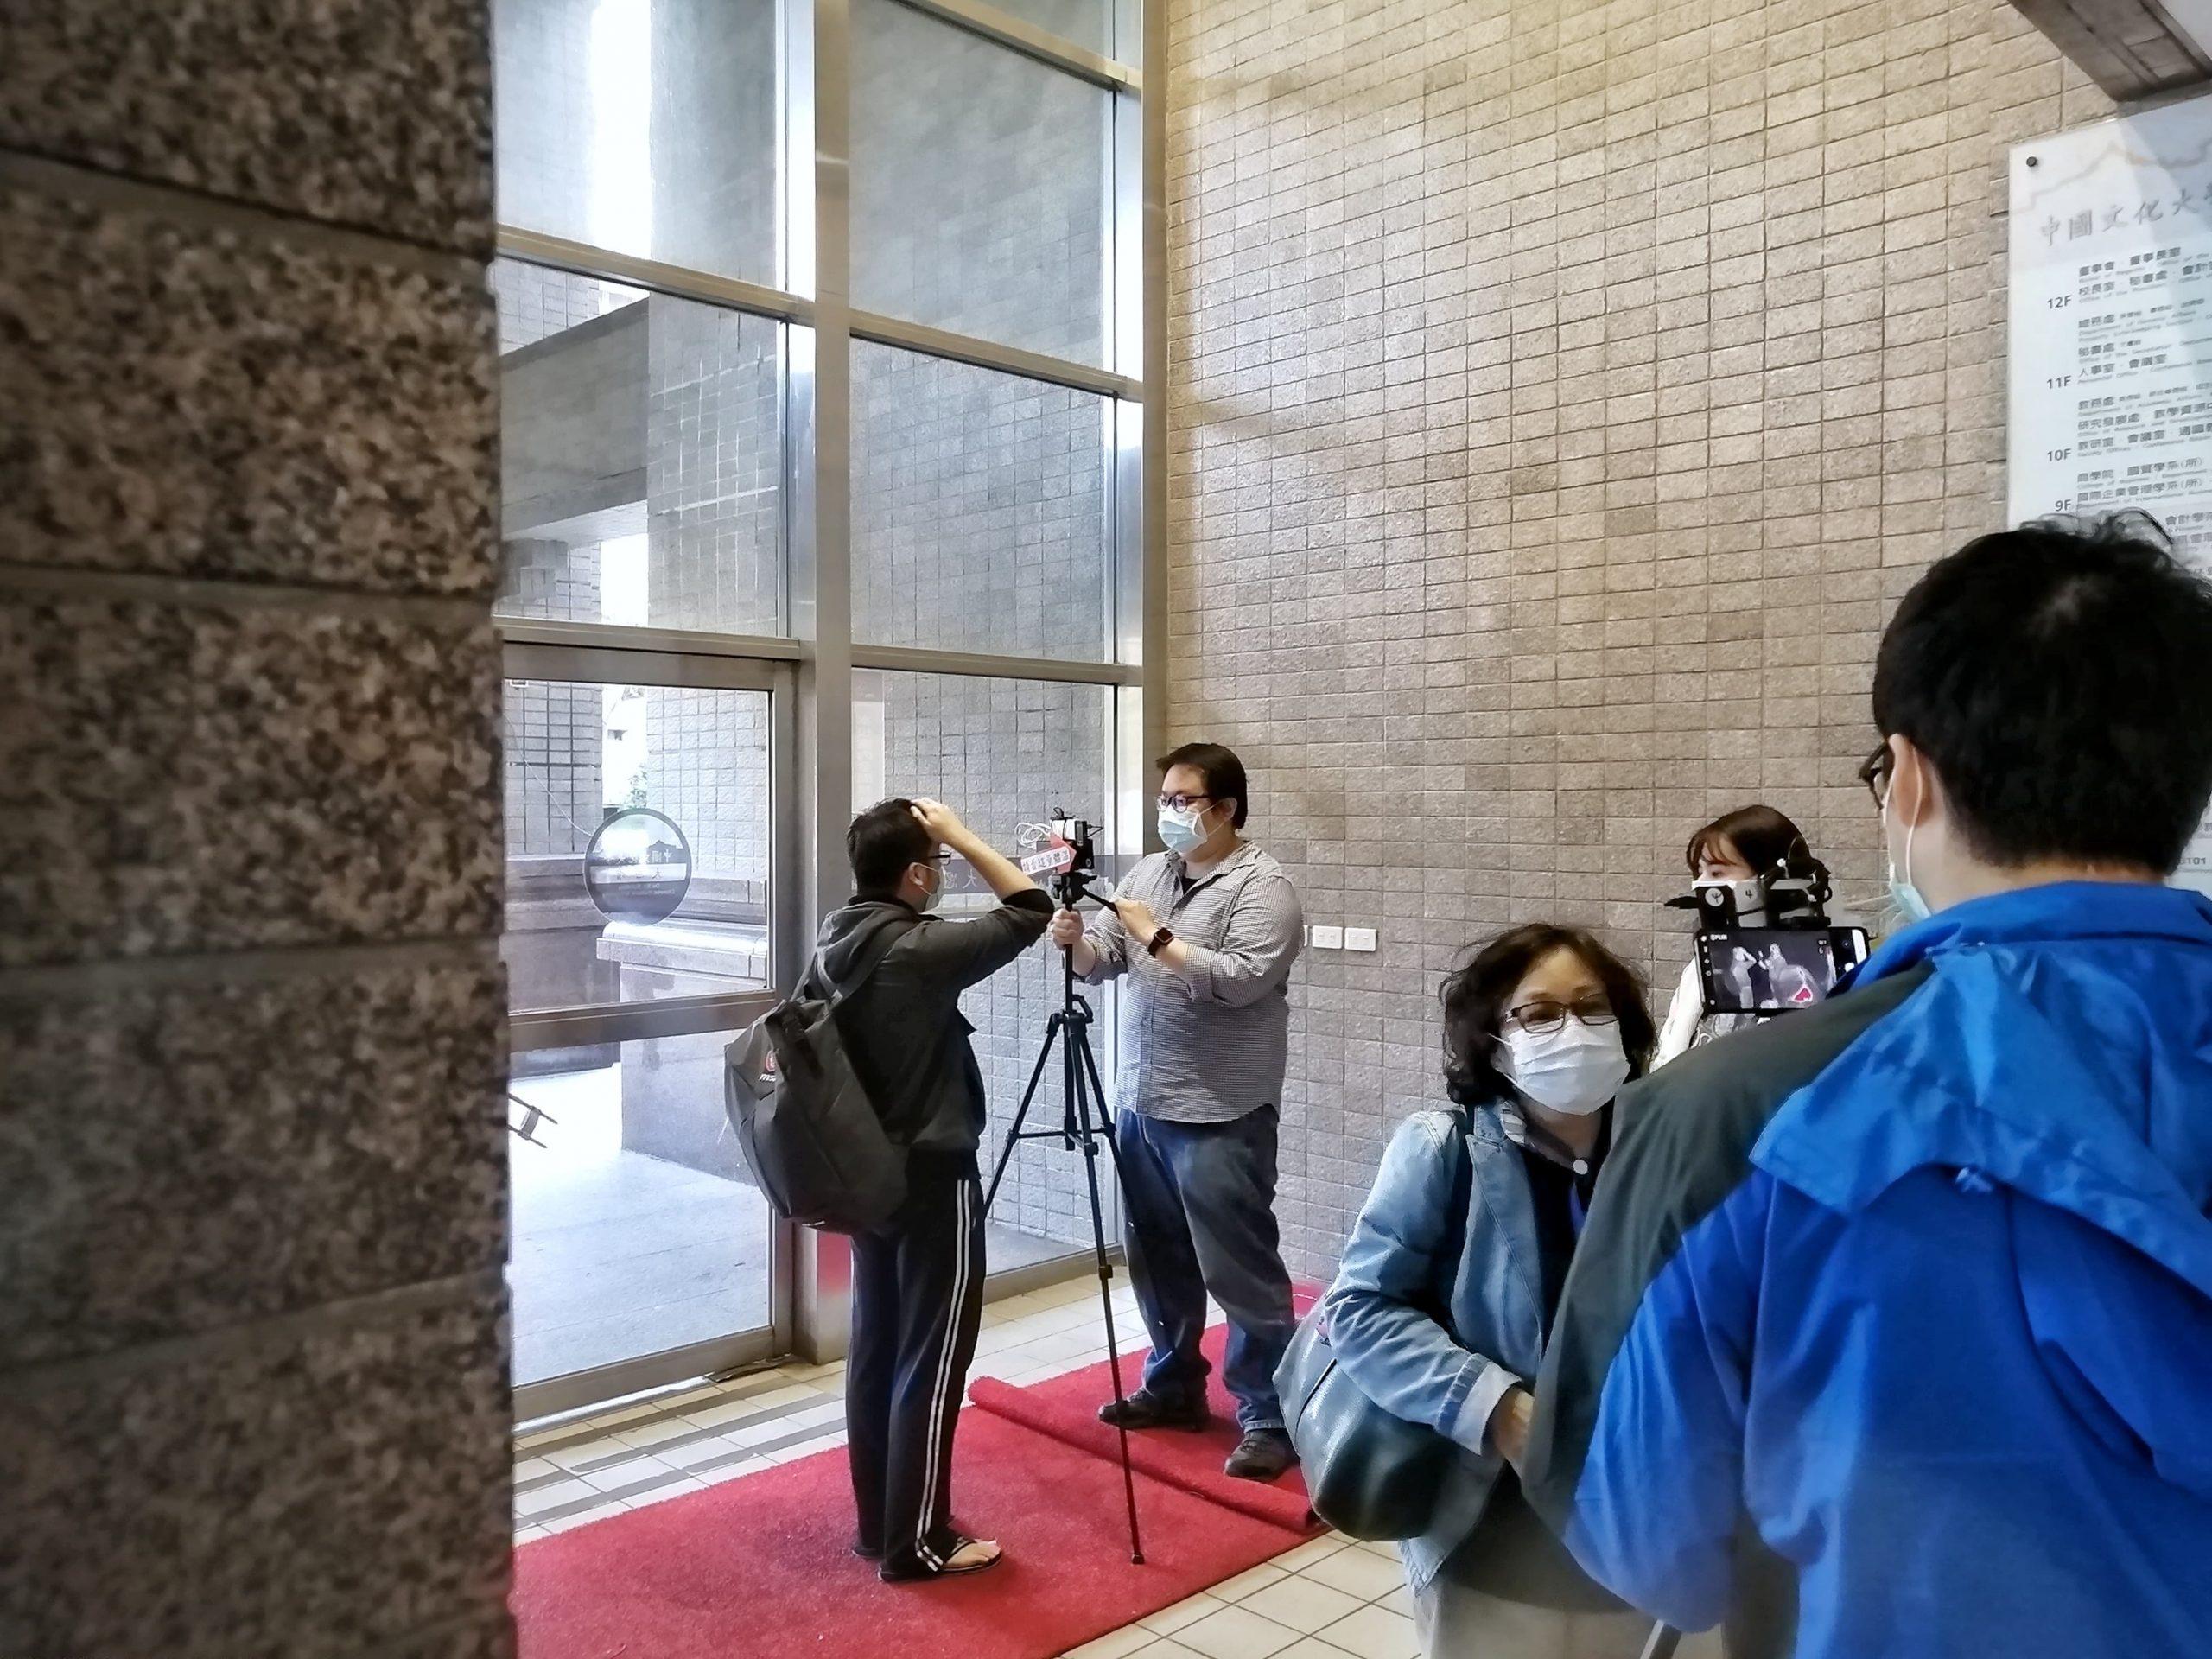 Des détecteurs de température infrarouges sont installés sur chaque campus. Crédits photo : Coline Grancher.